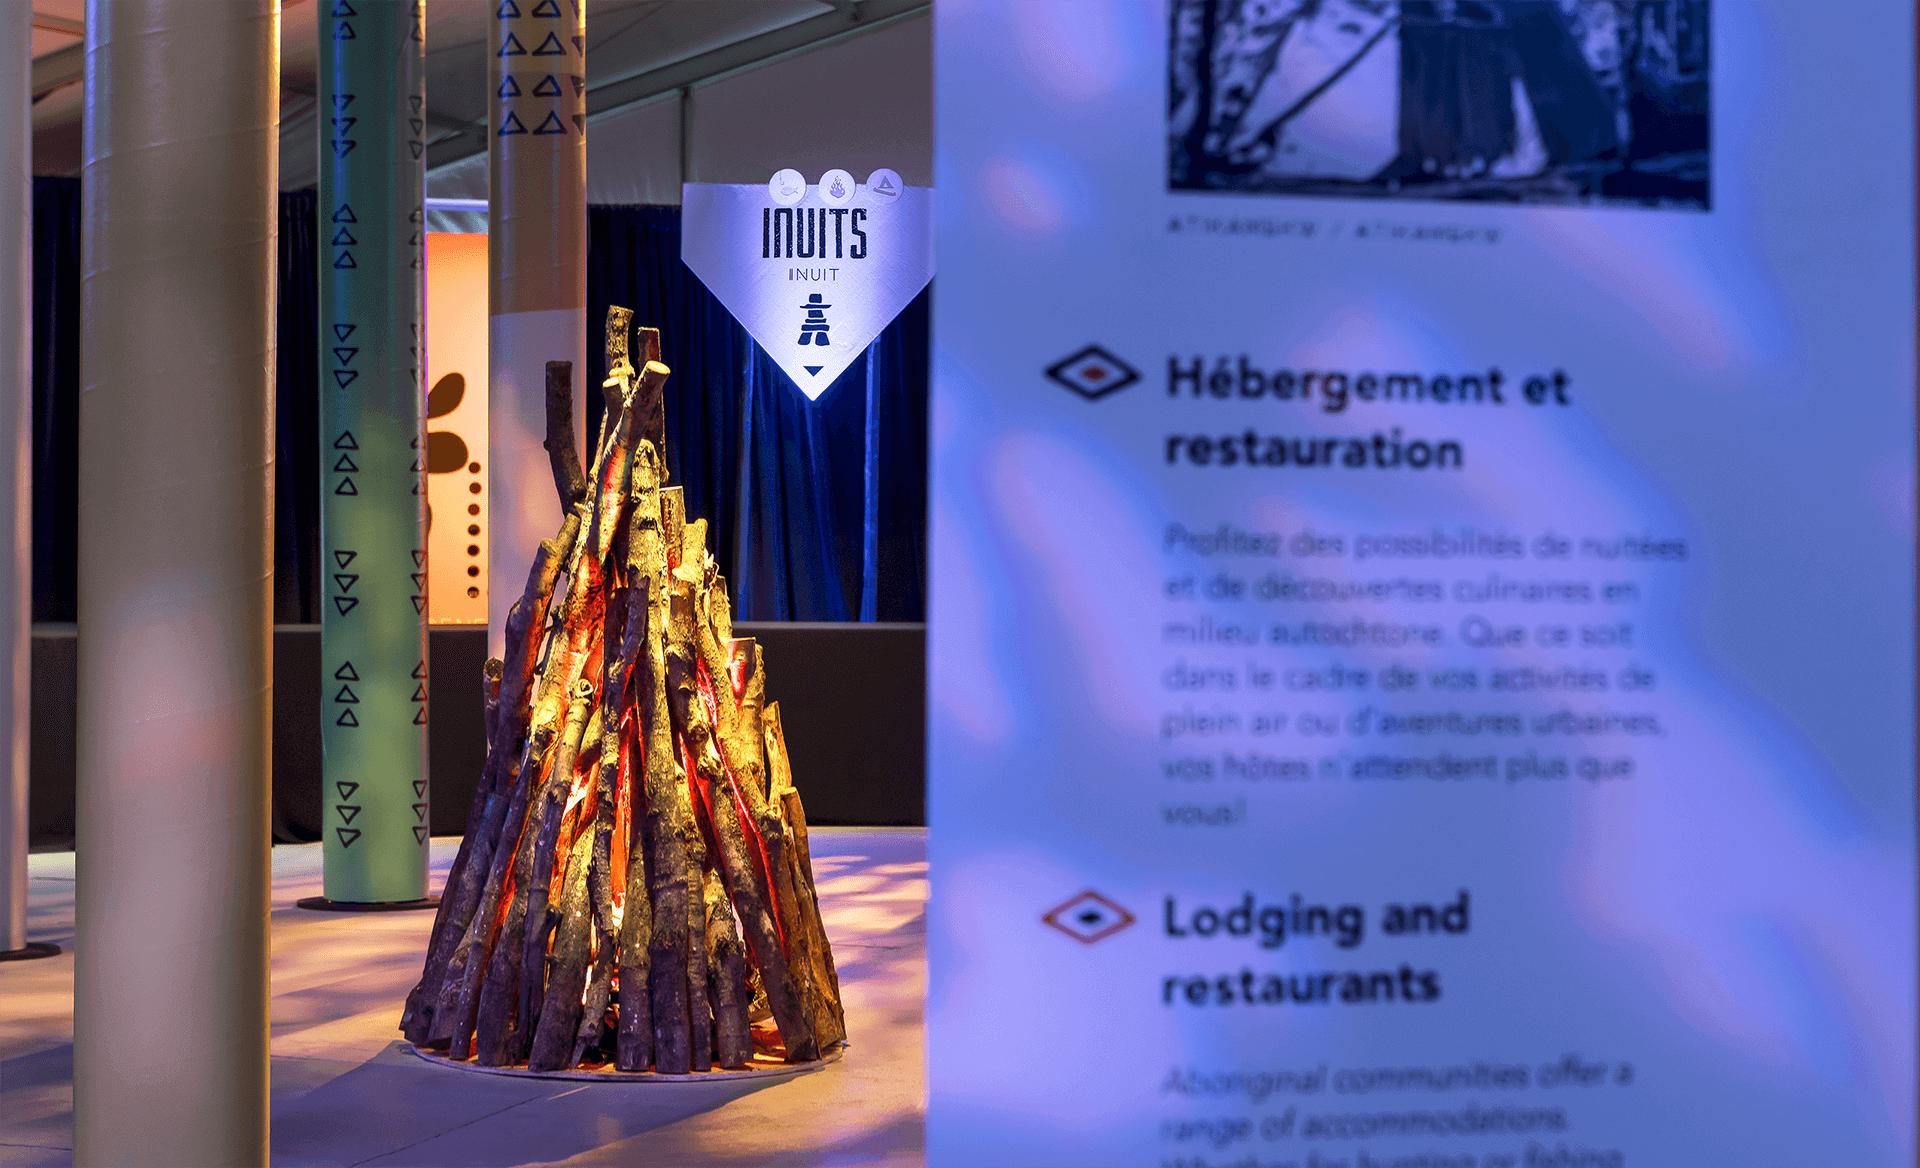 Identité visuelle |Installation d'un feu de bois dans une salle d'exposition |TAQ